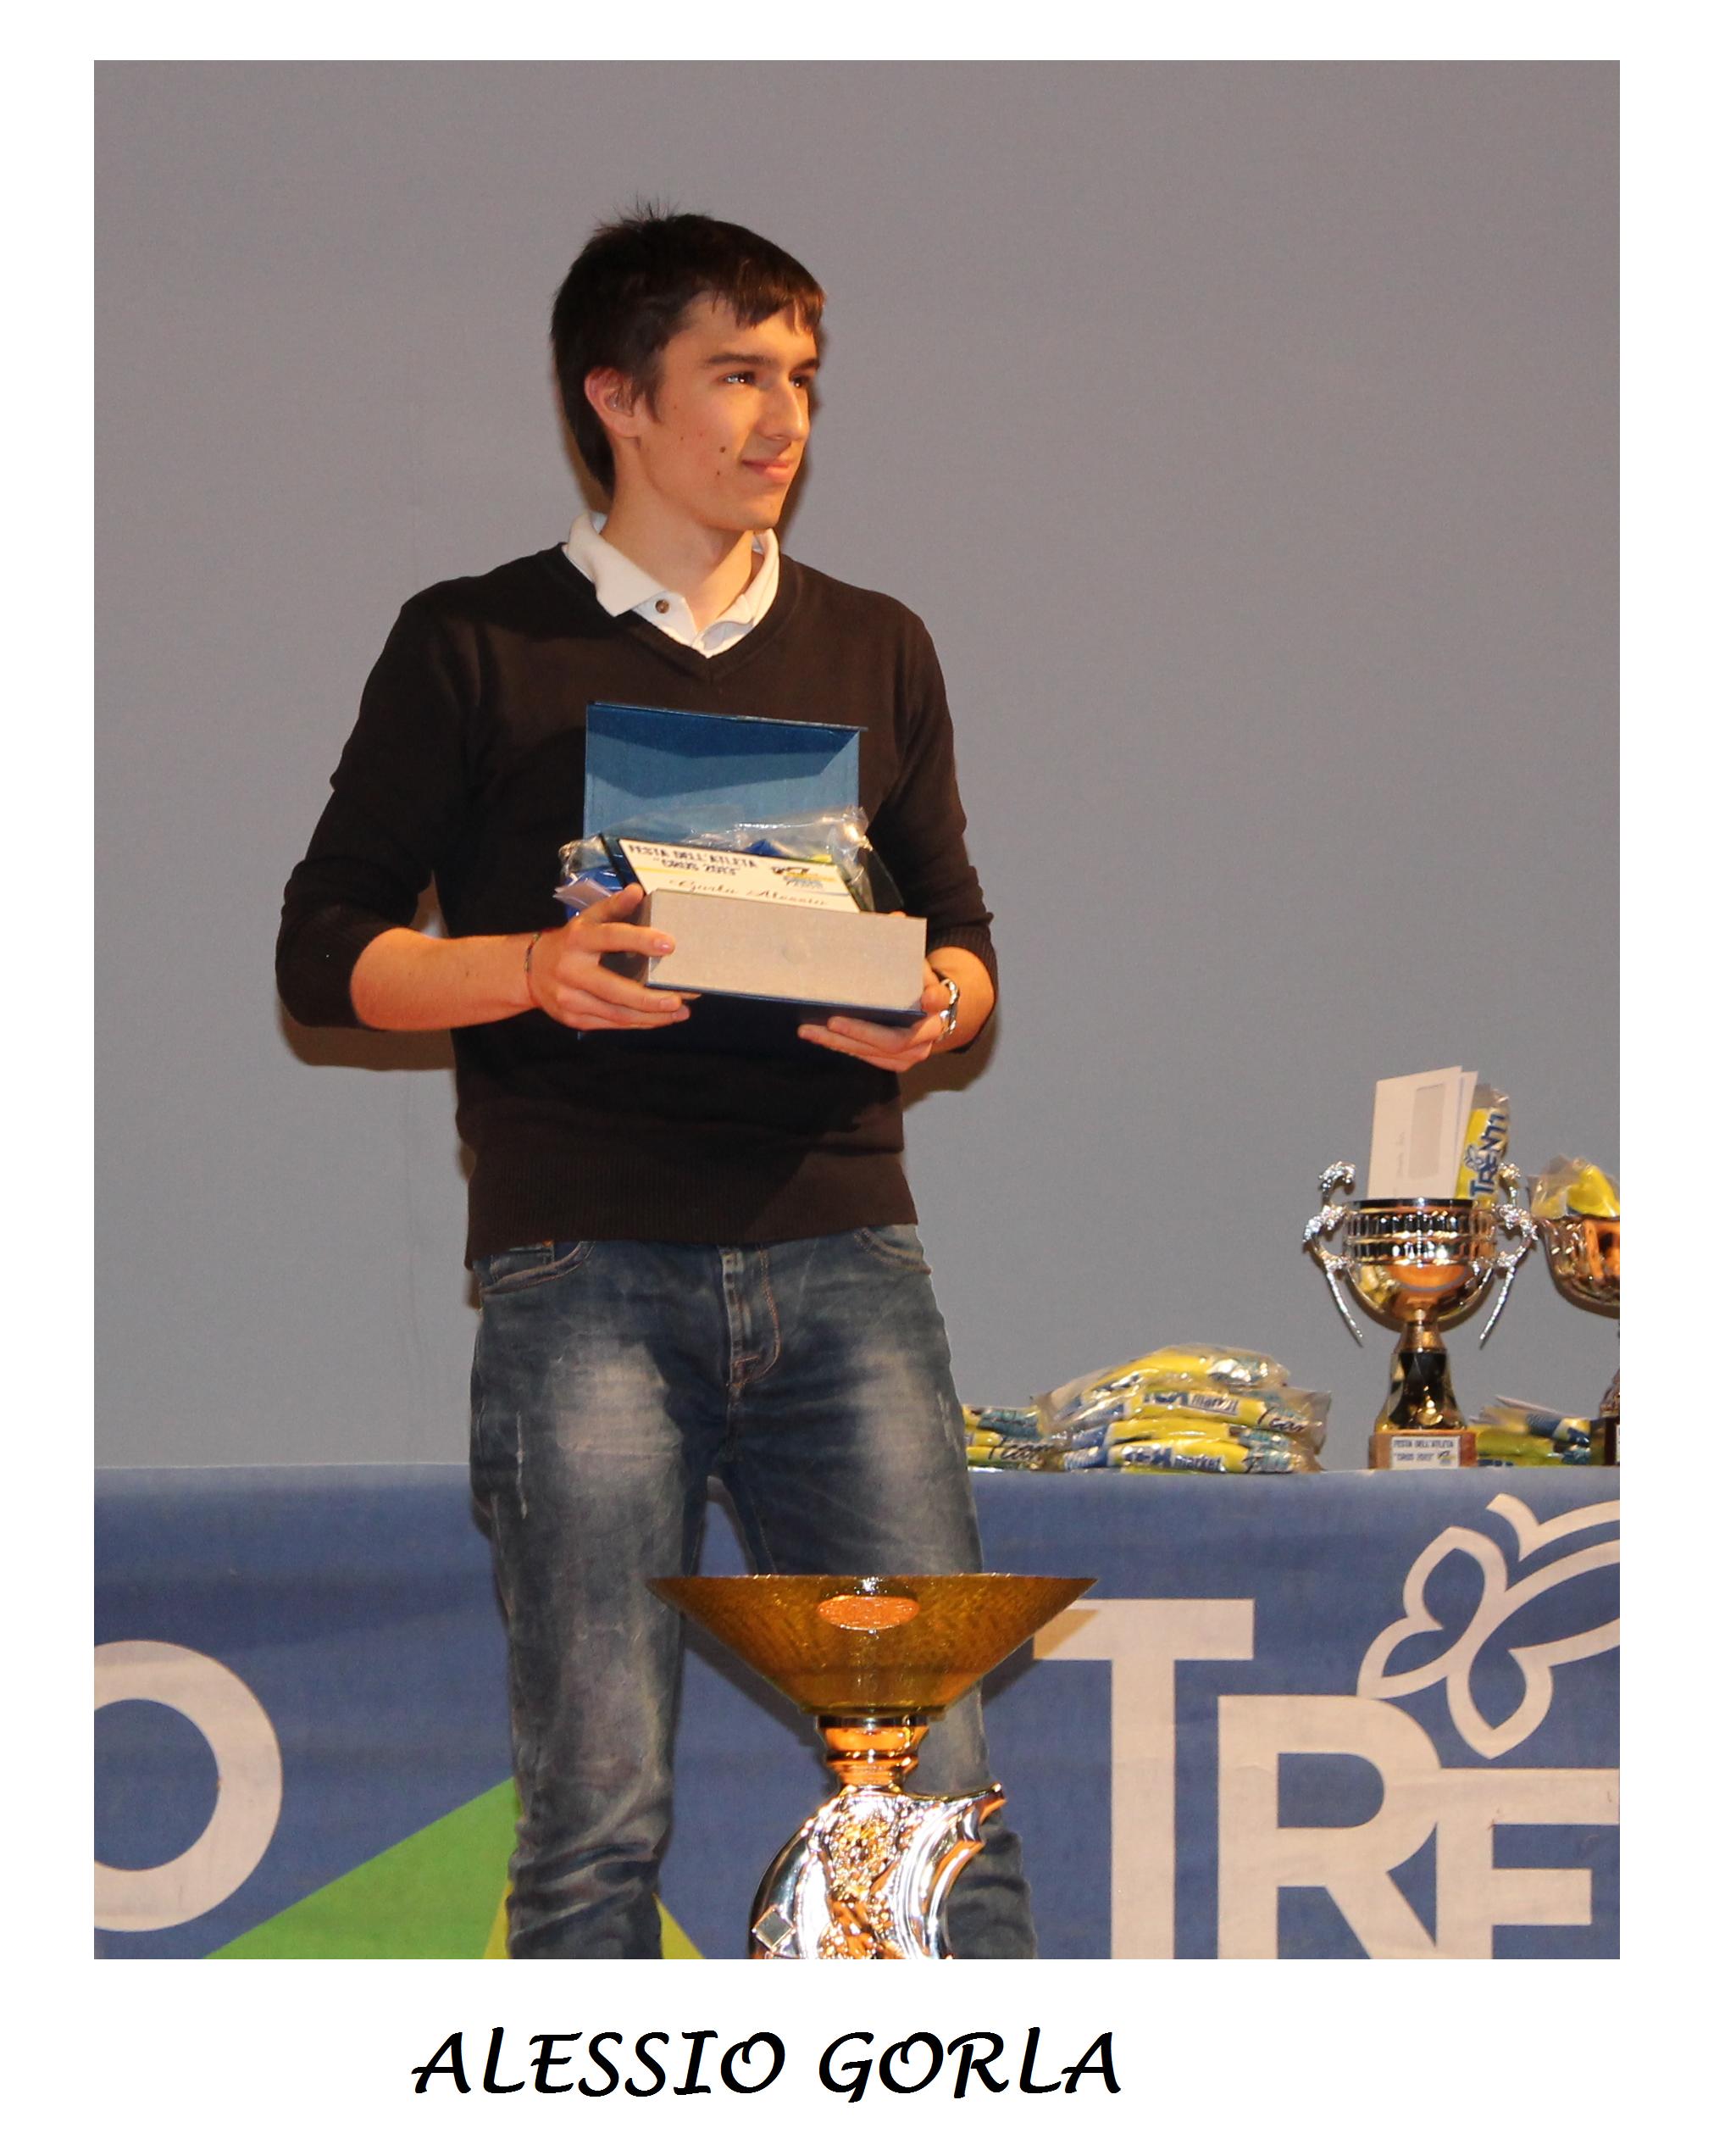 ALESSIO GORLA ATLETA DELL' ANNO 2013!